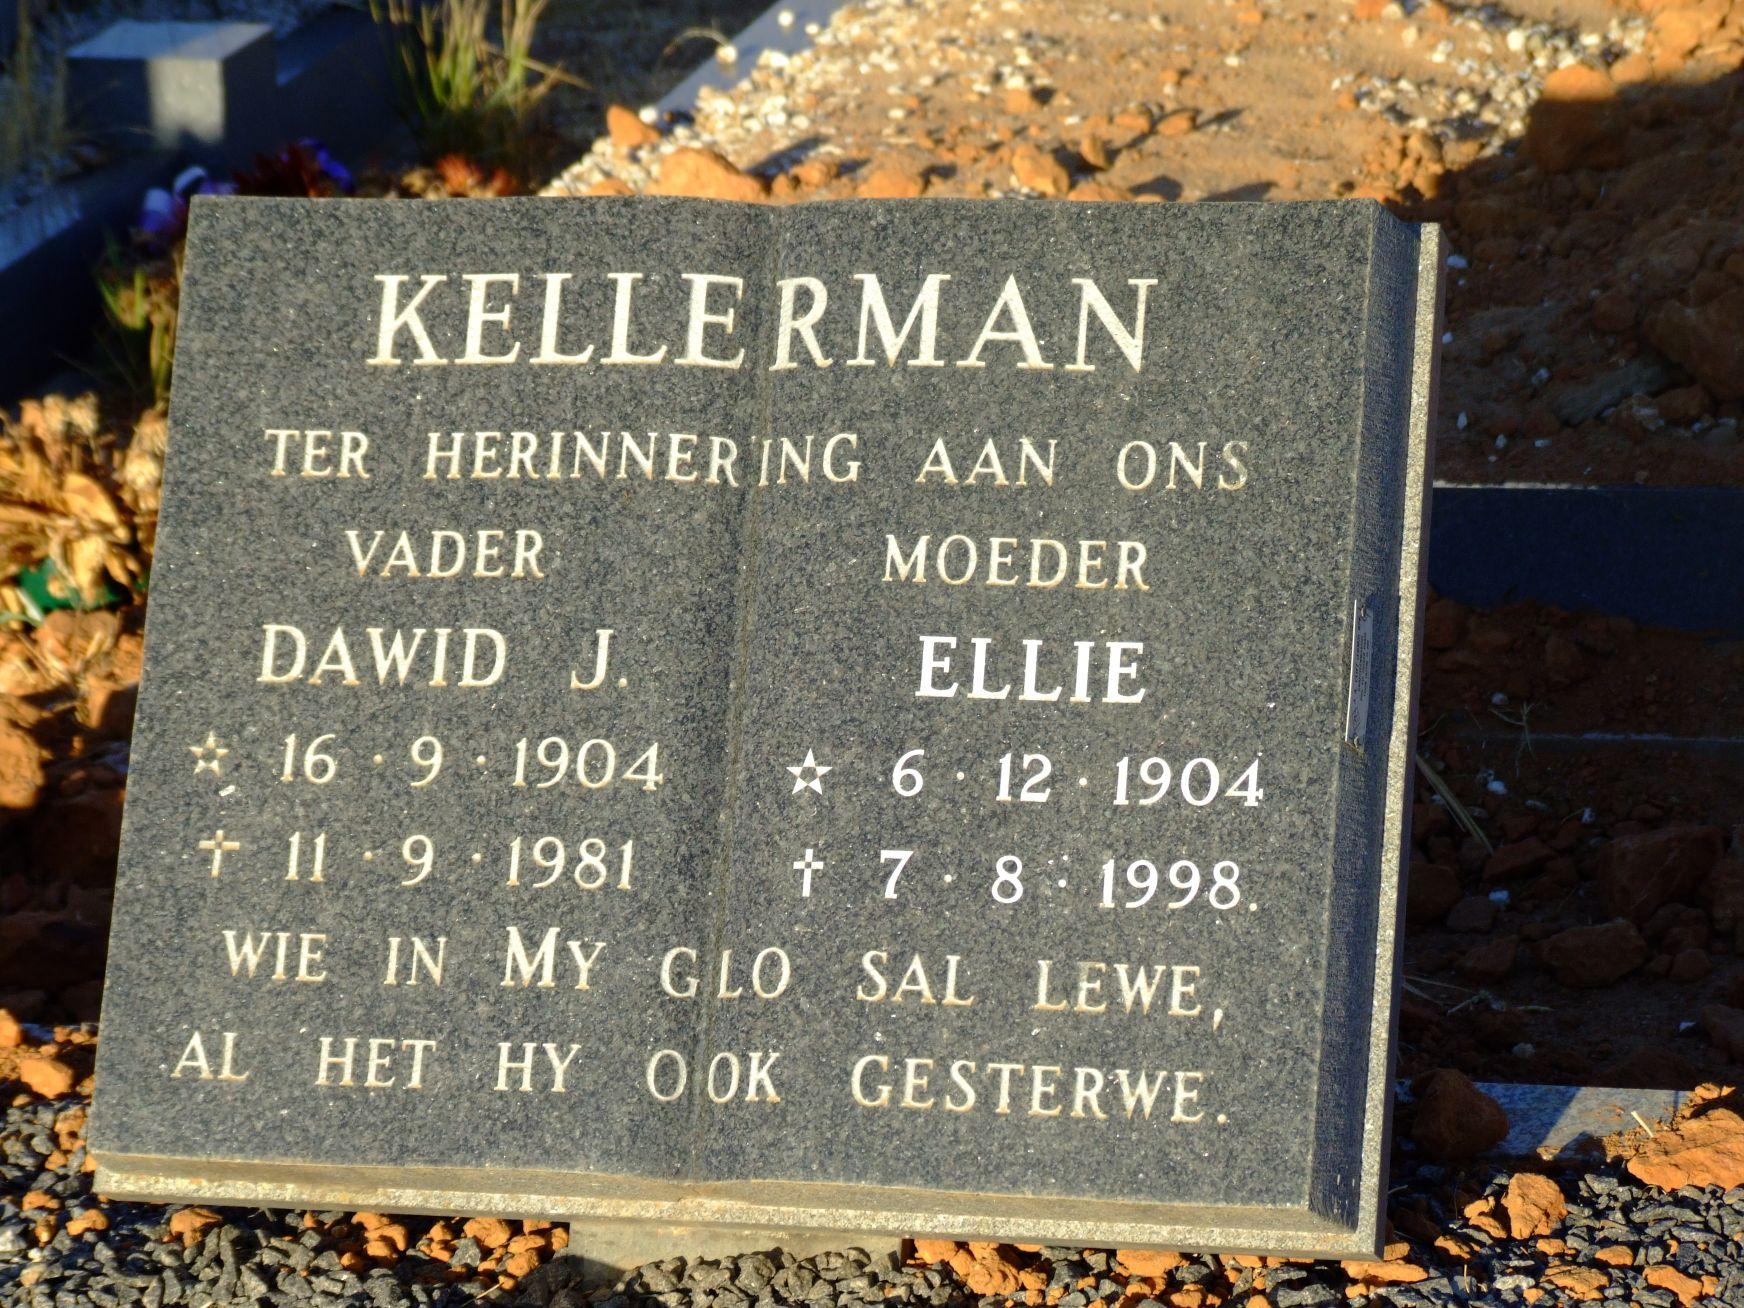 Kellerman Dawid J and Ellie